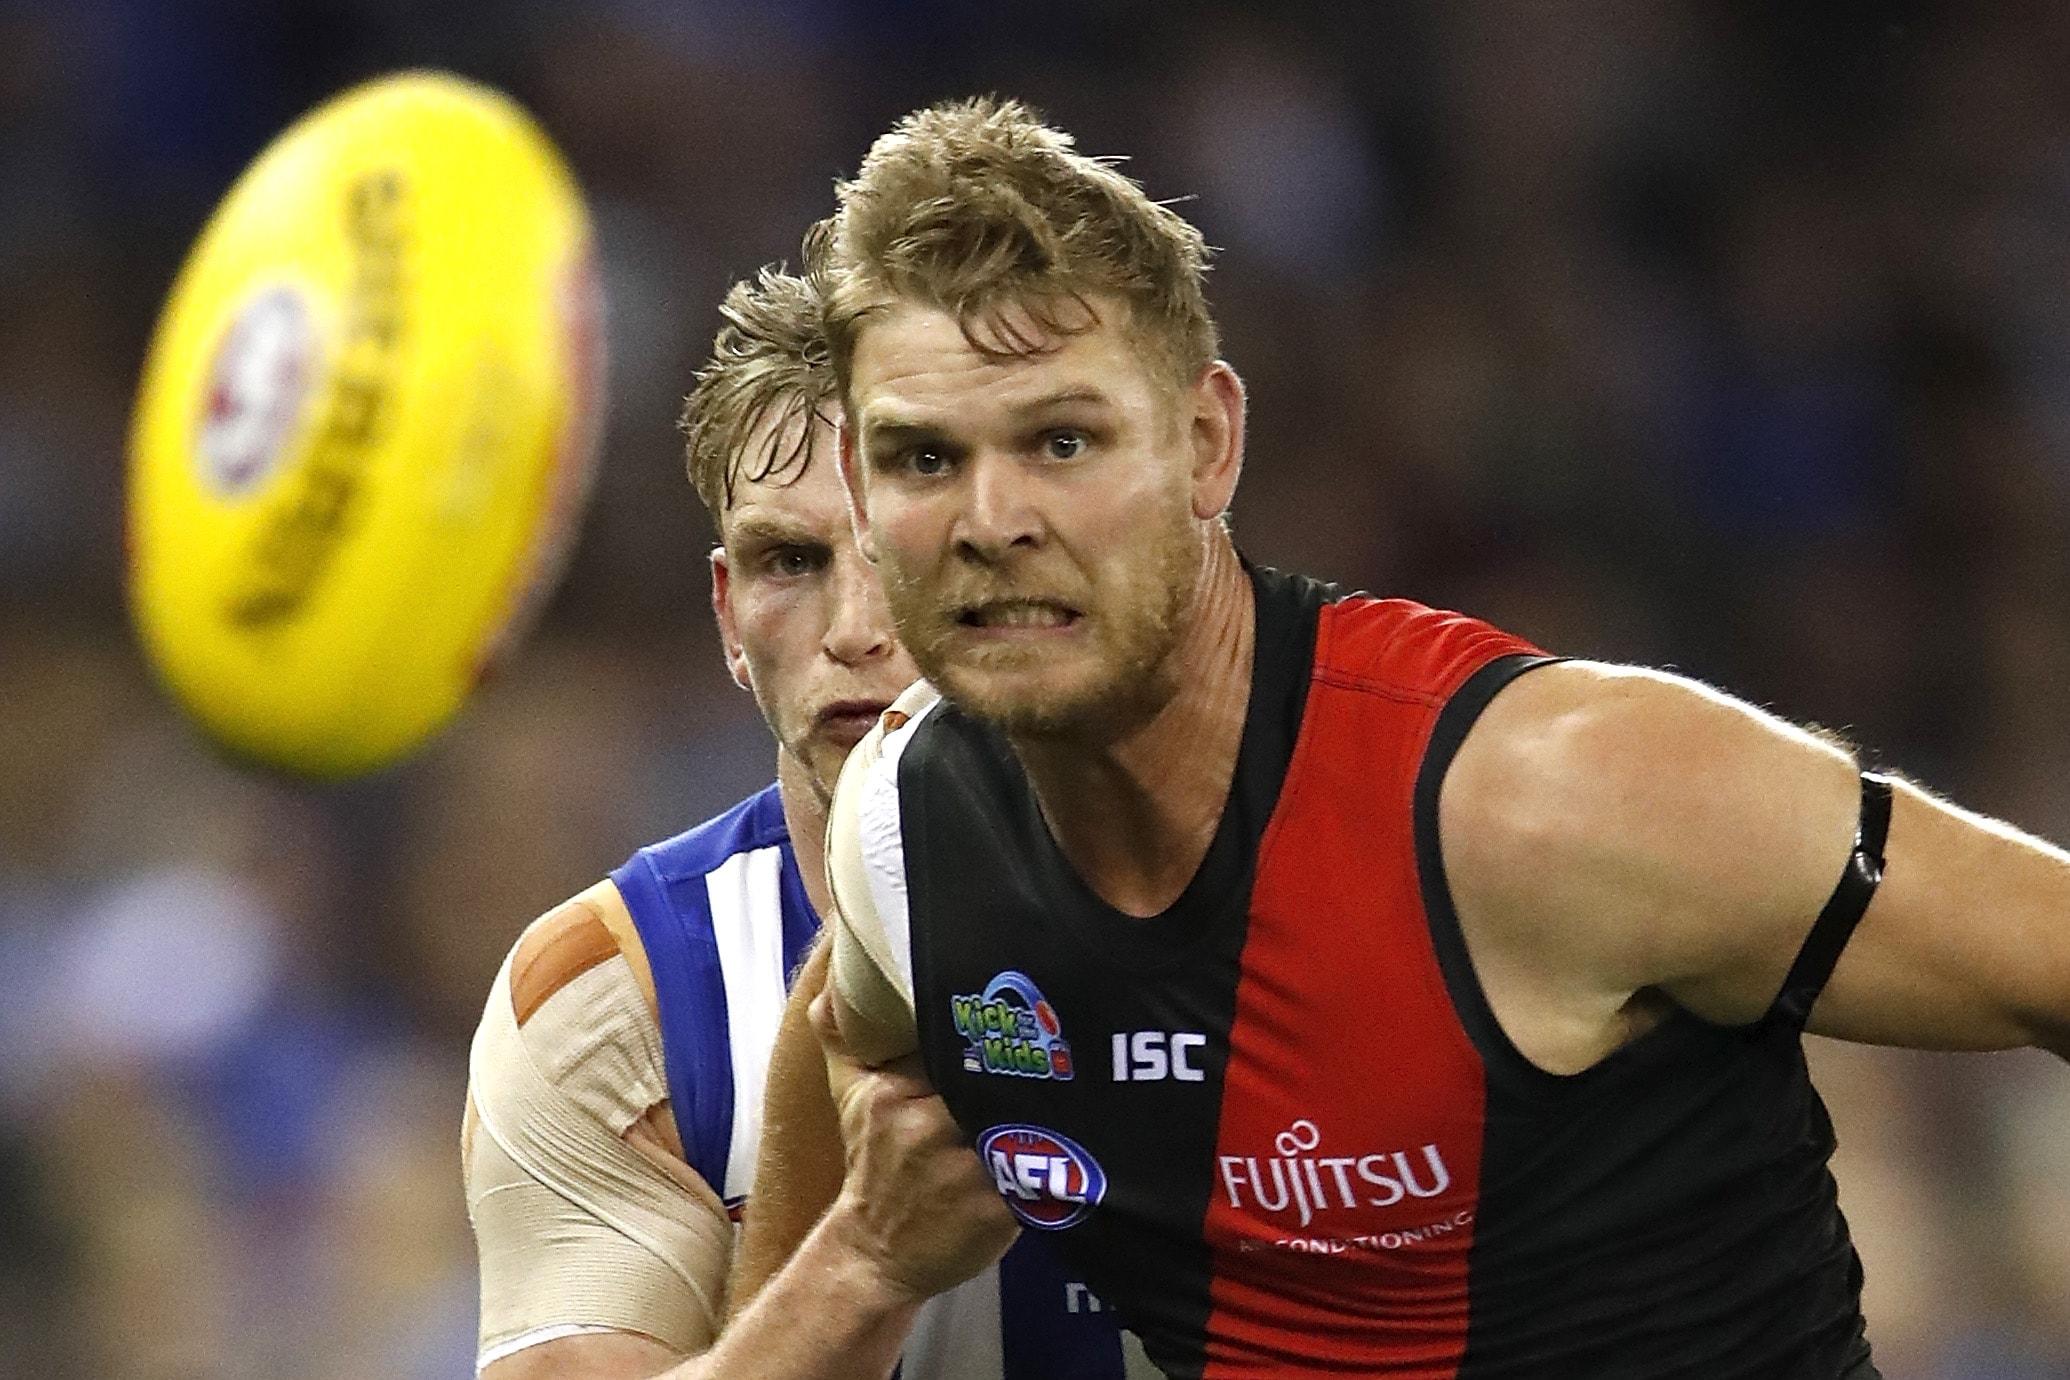 Ryan GRIFFEN Western Bulldogs AA7 2014 Select Honours All Australian